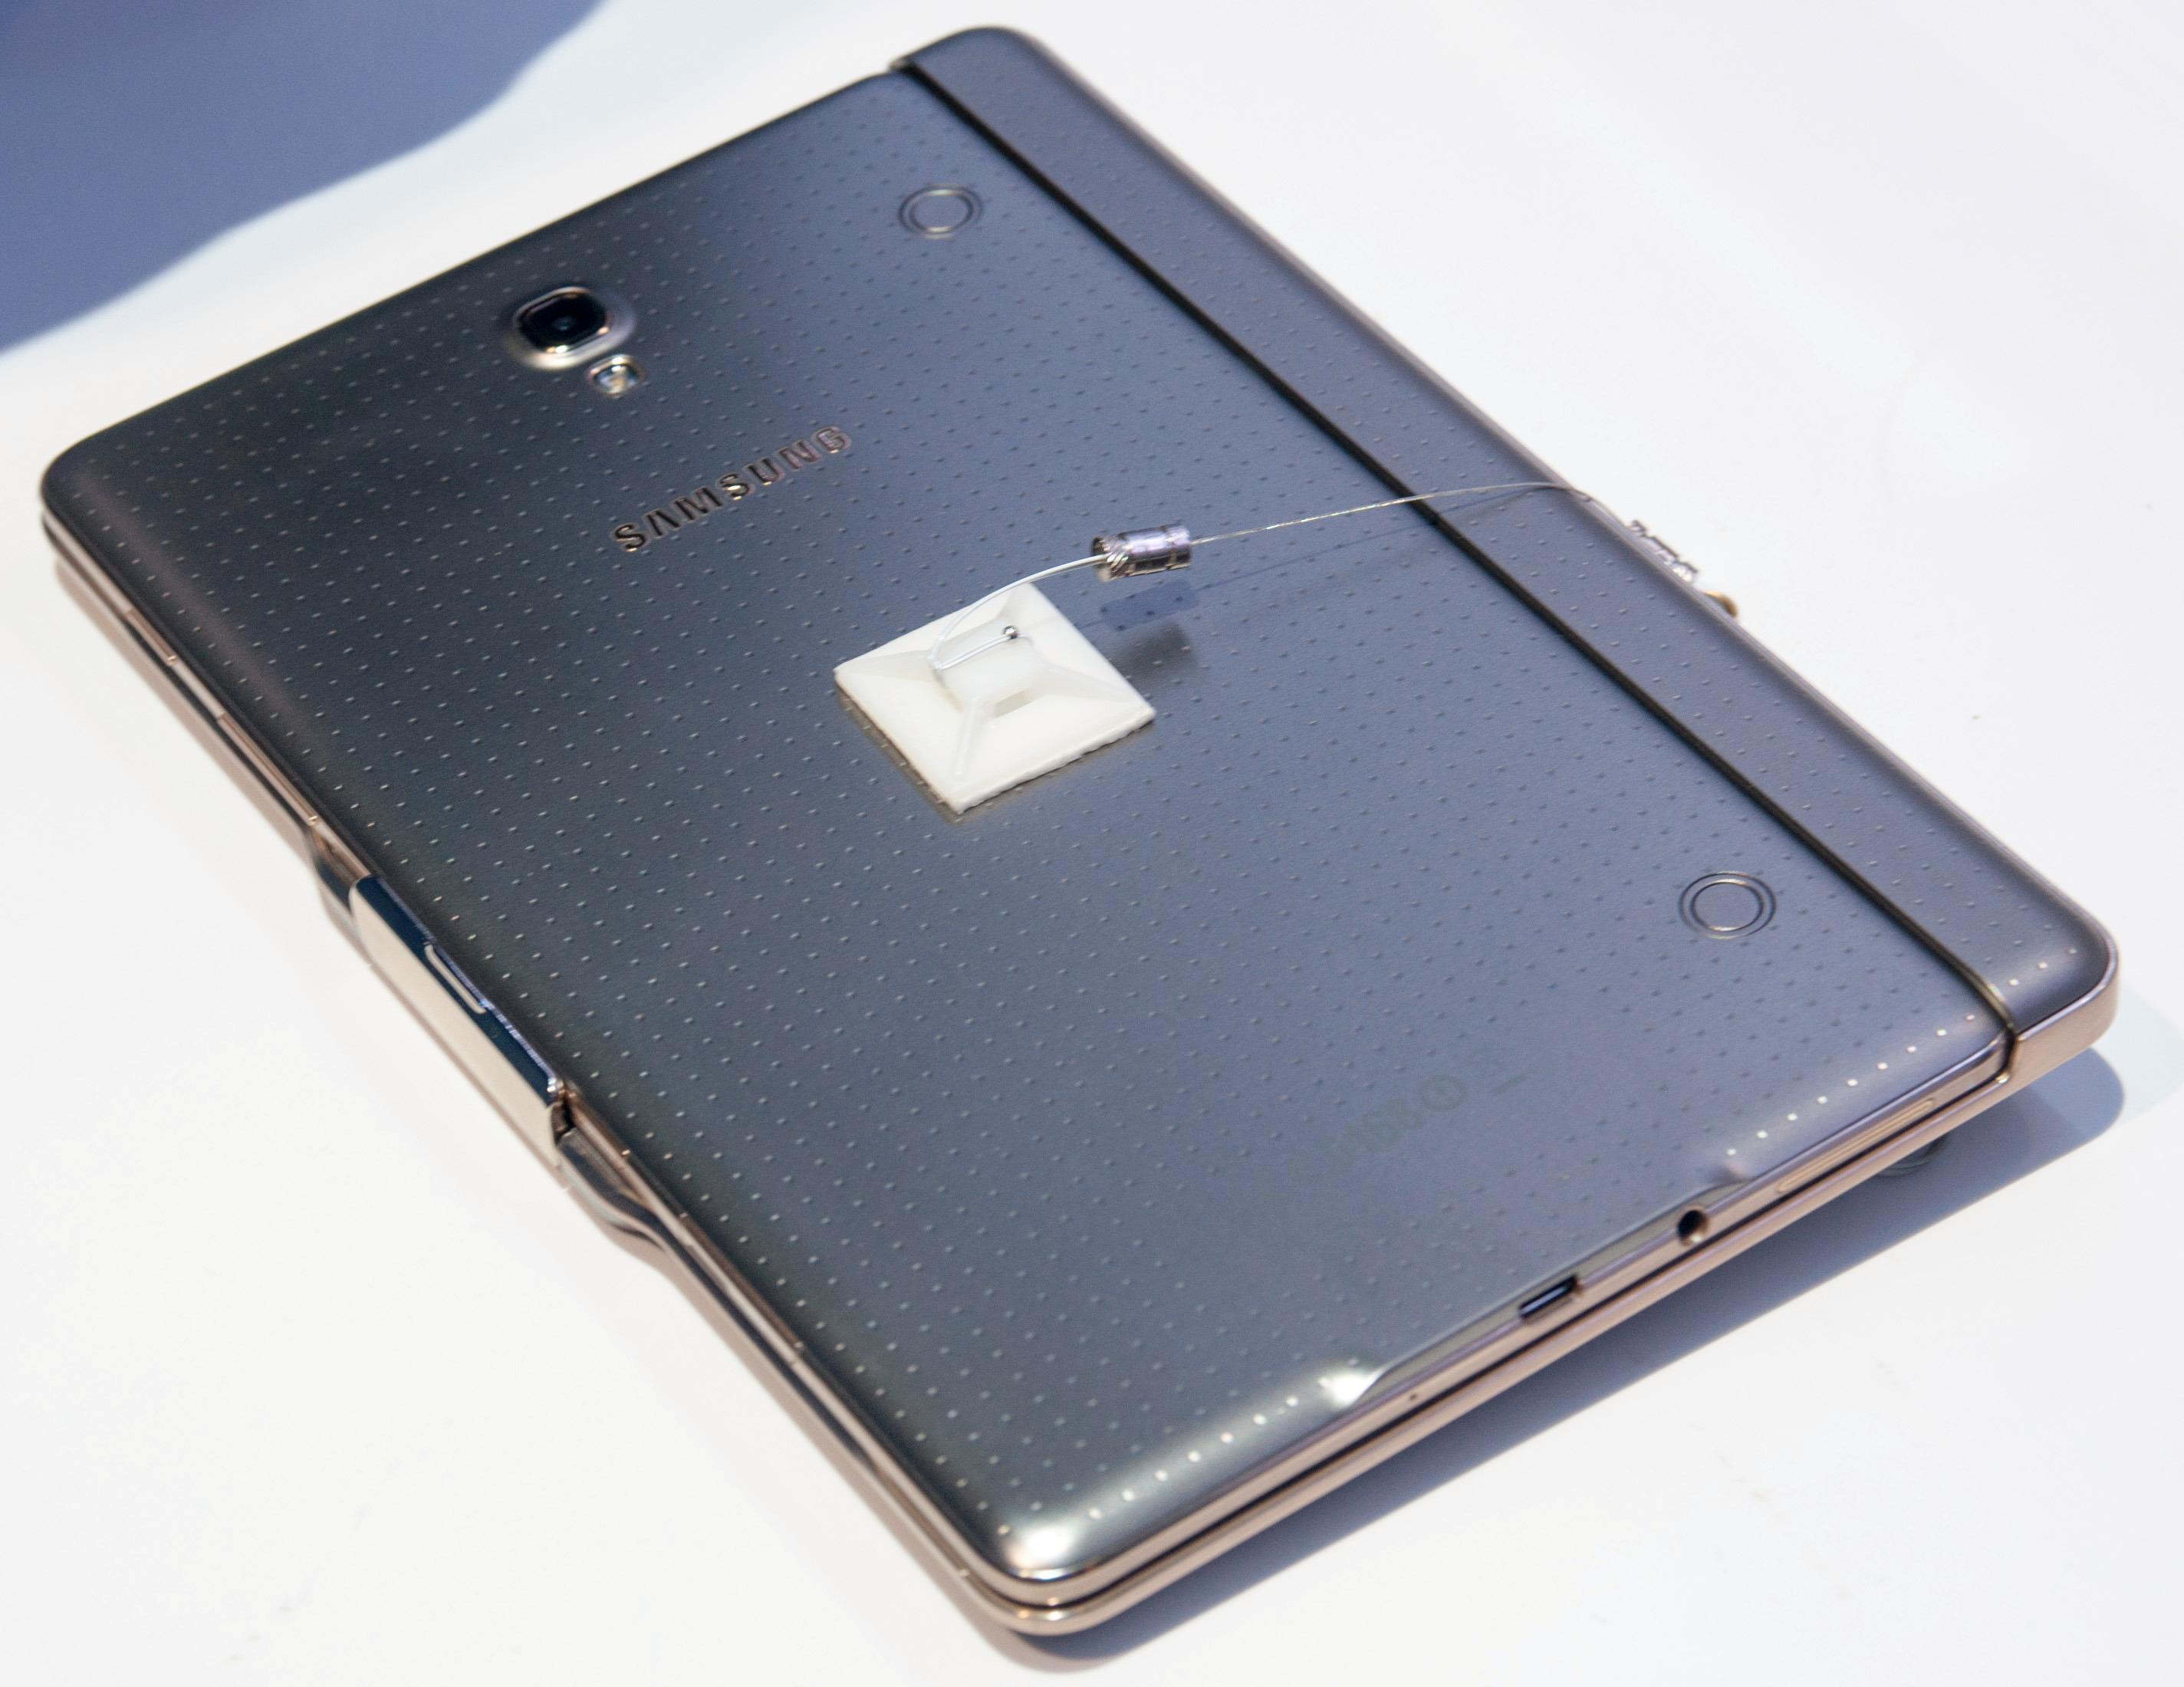 Sammen med tastaturdekselet er Galaxy Tab S 8.4 sannsynligvis den lekreste og mest portable «PC-en» vi har sett.Foto: Finn Jarle Kvalheim, Amobil.no